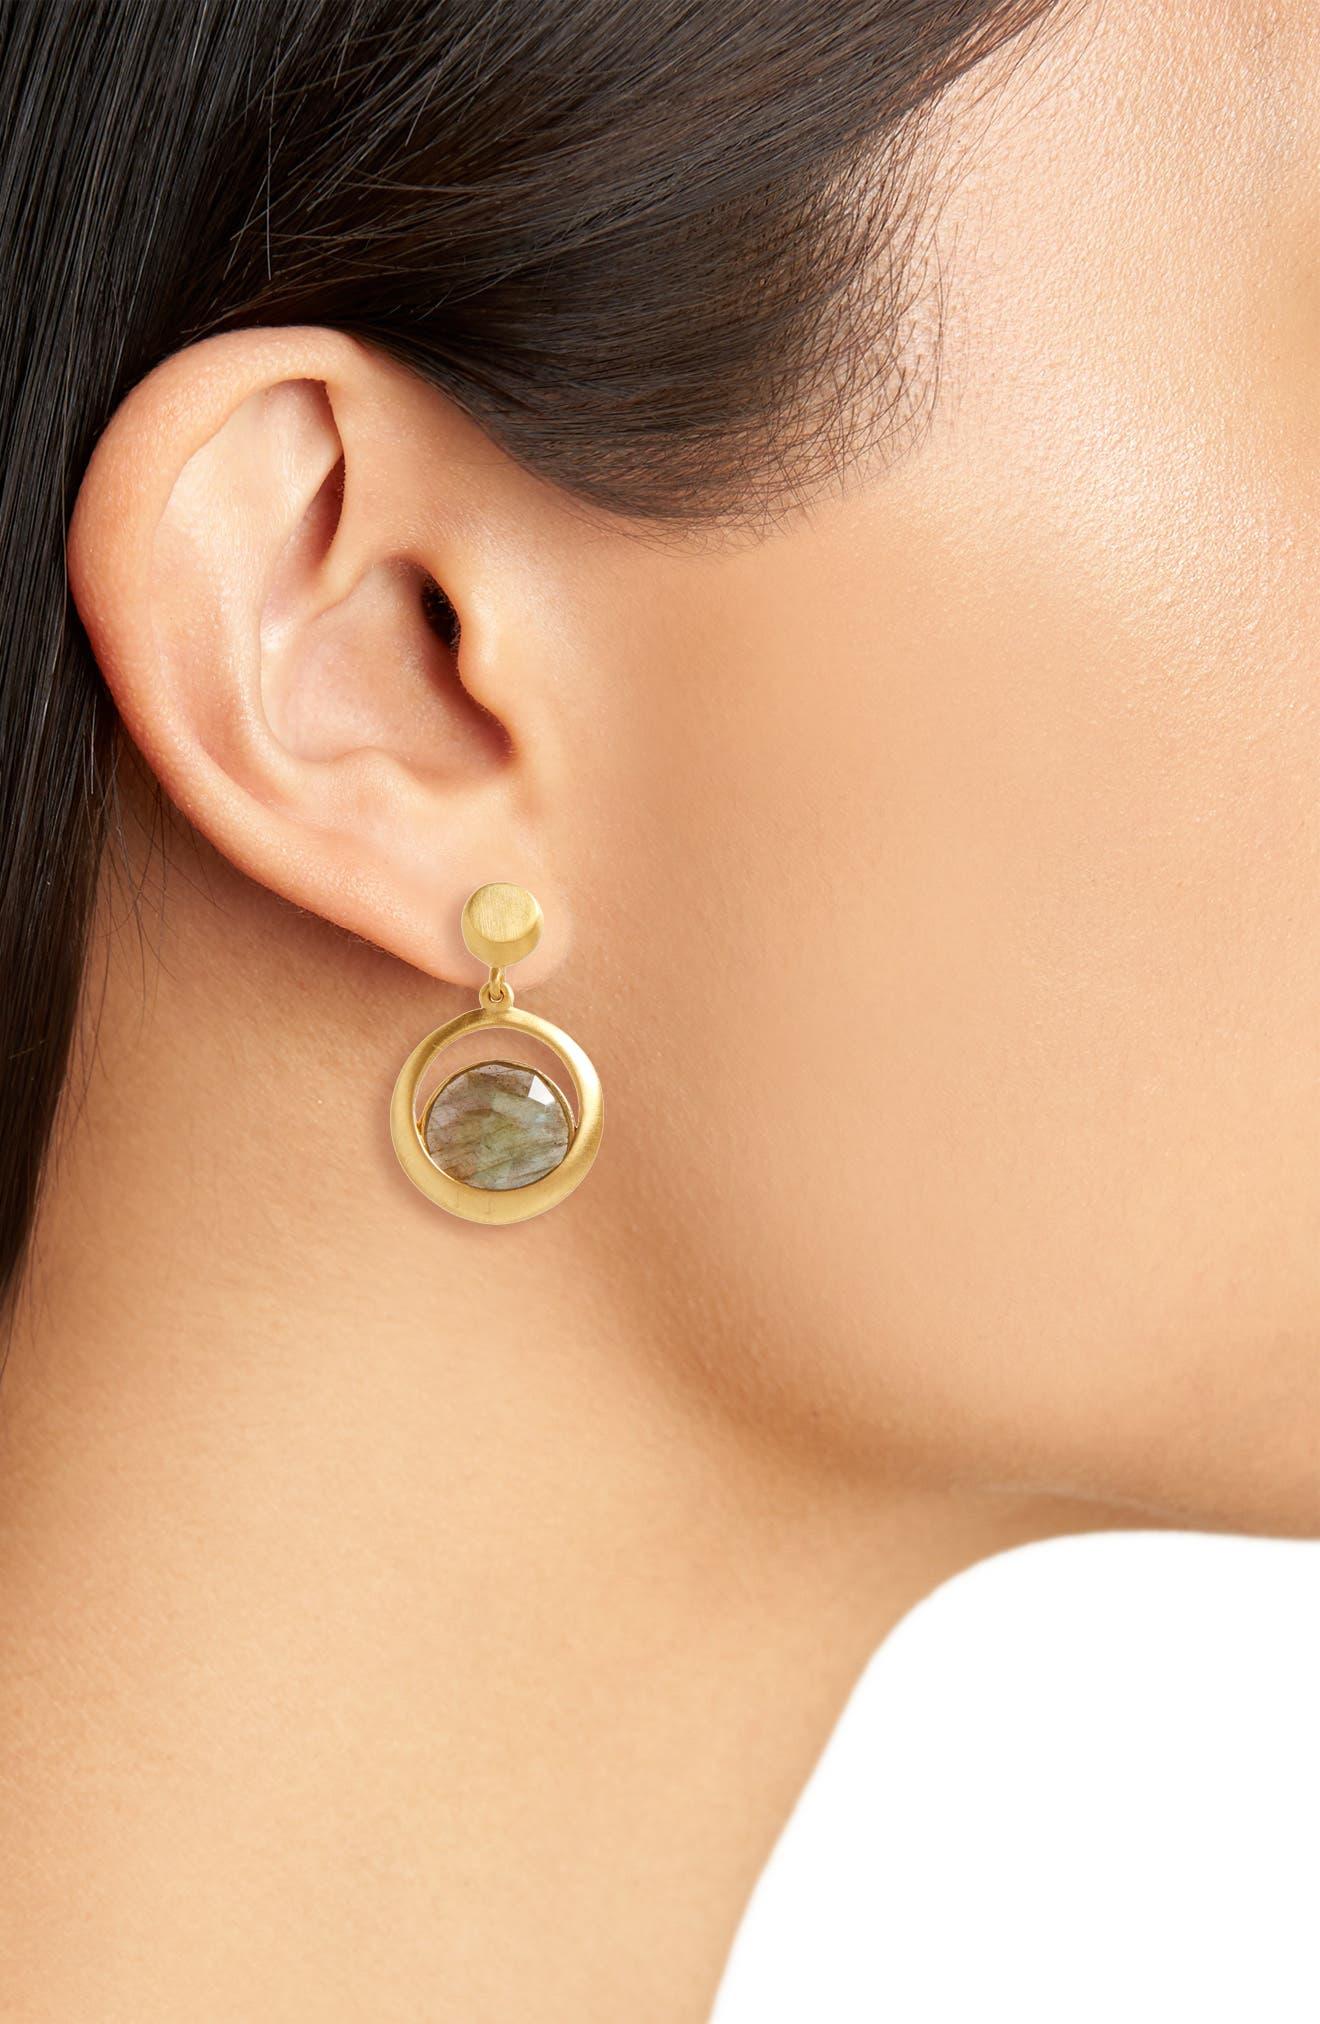 Lapa Semiprecious Stone Drop Earrings,                             Alternate thumbnail 6, color,